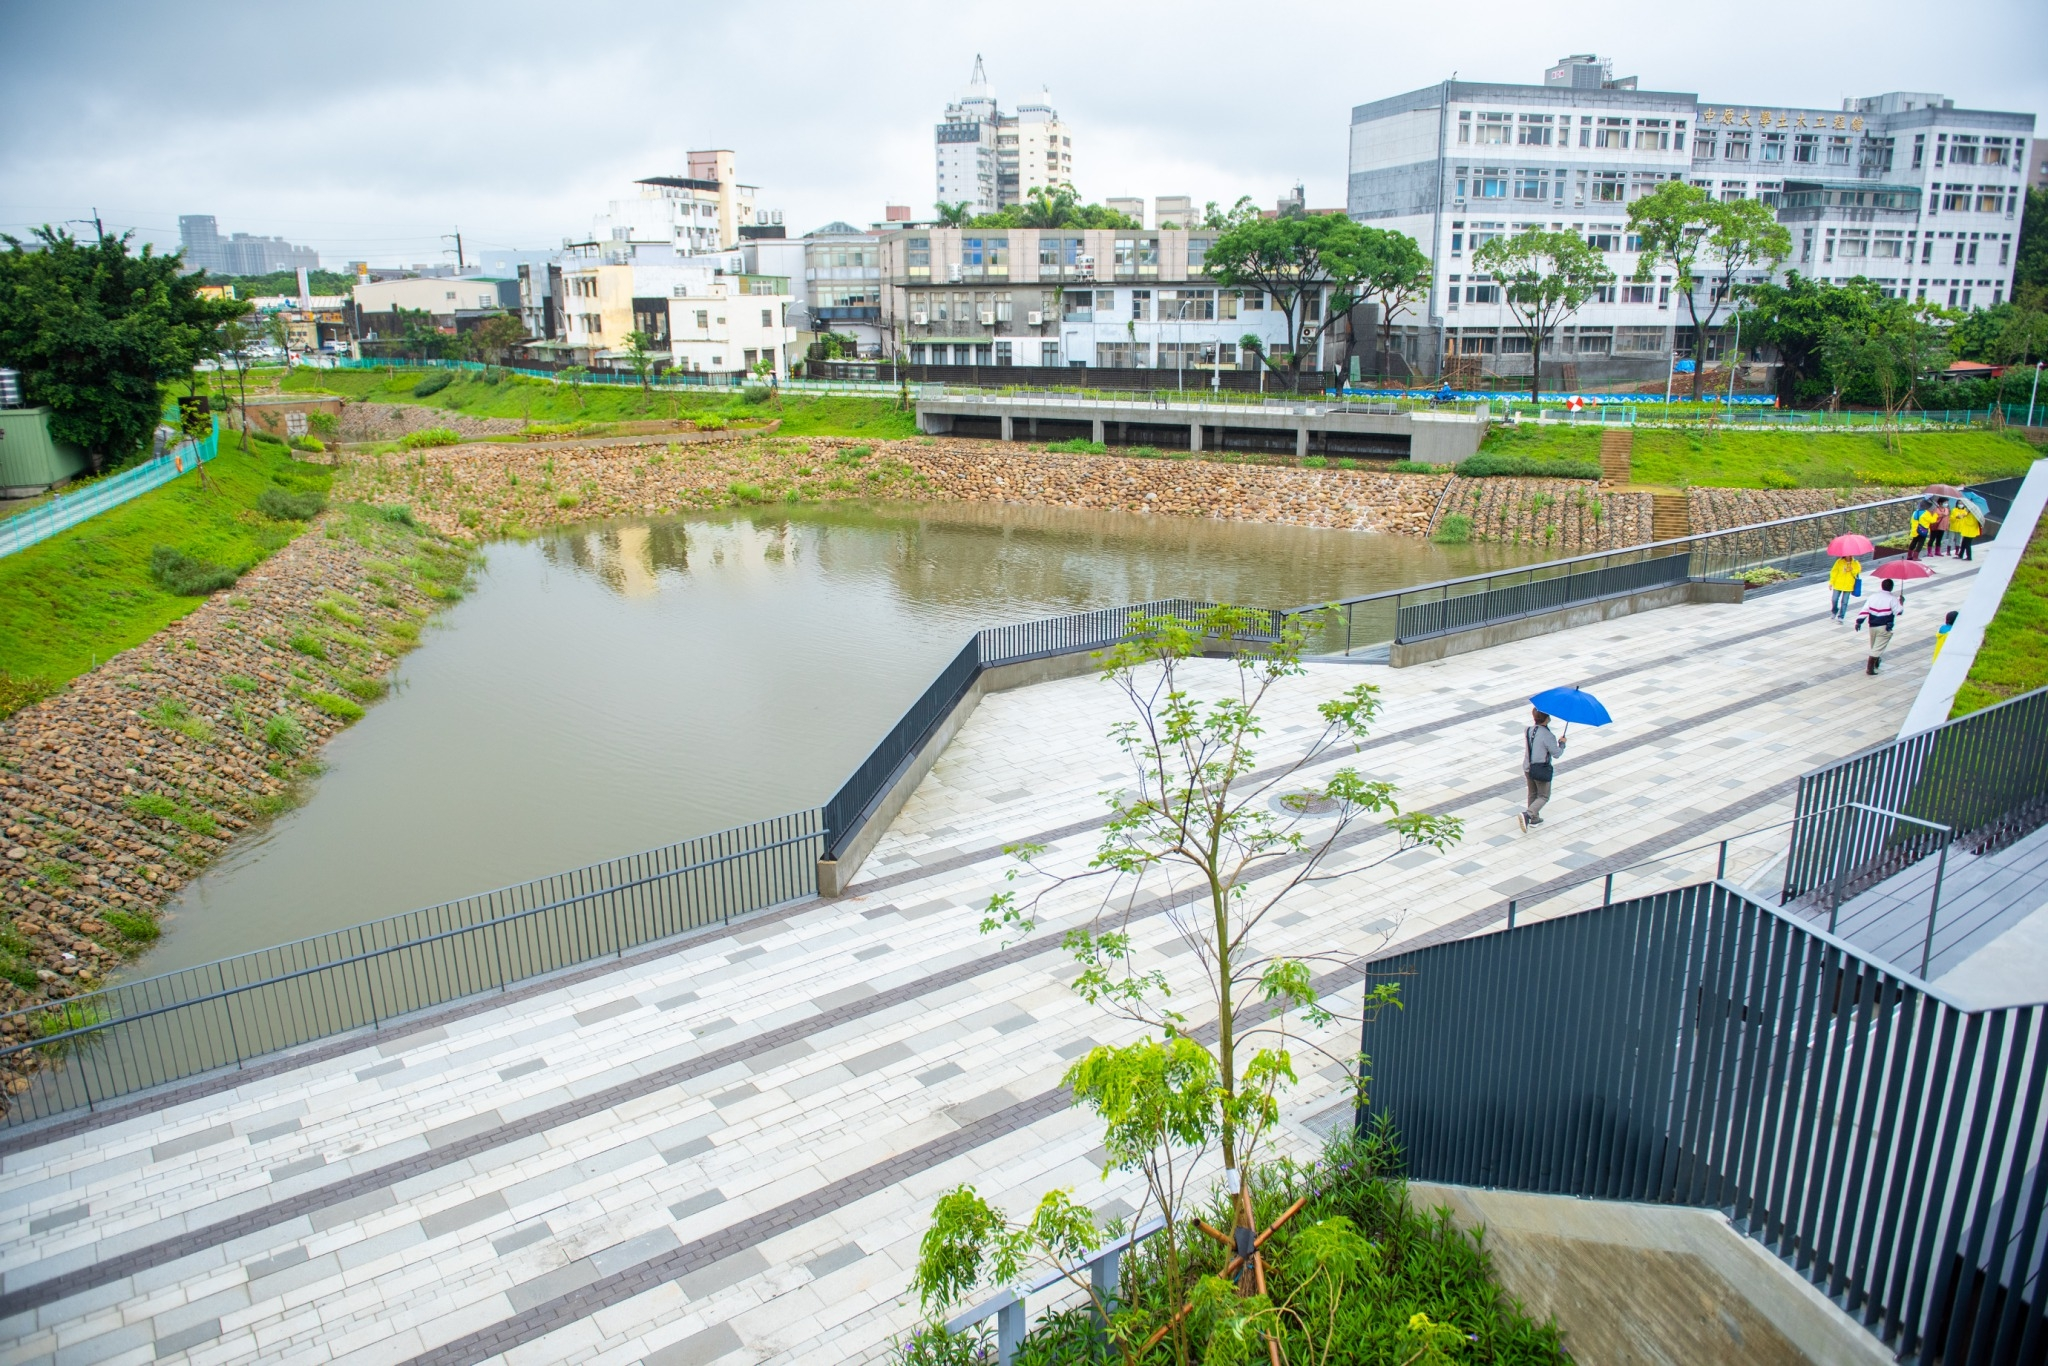 陪同內政部長視察14A滯洪池工程,透過智慧化水利工程解決淹水之苦